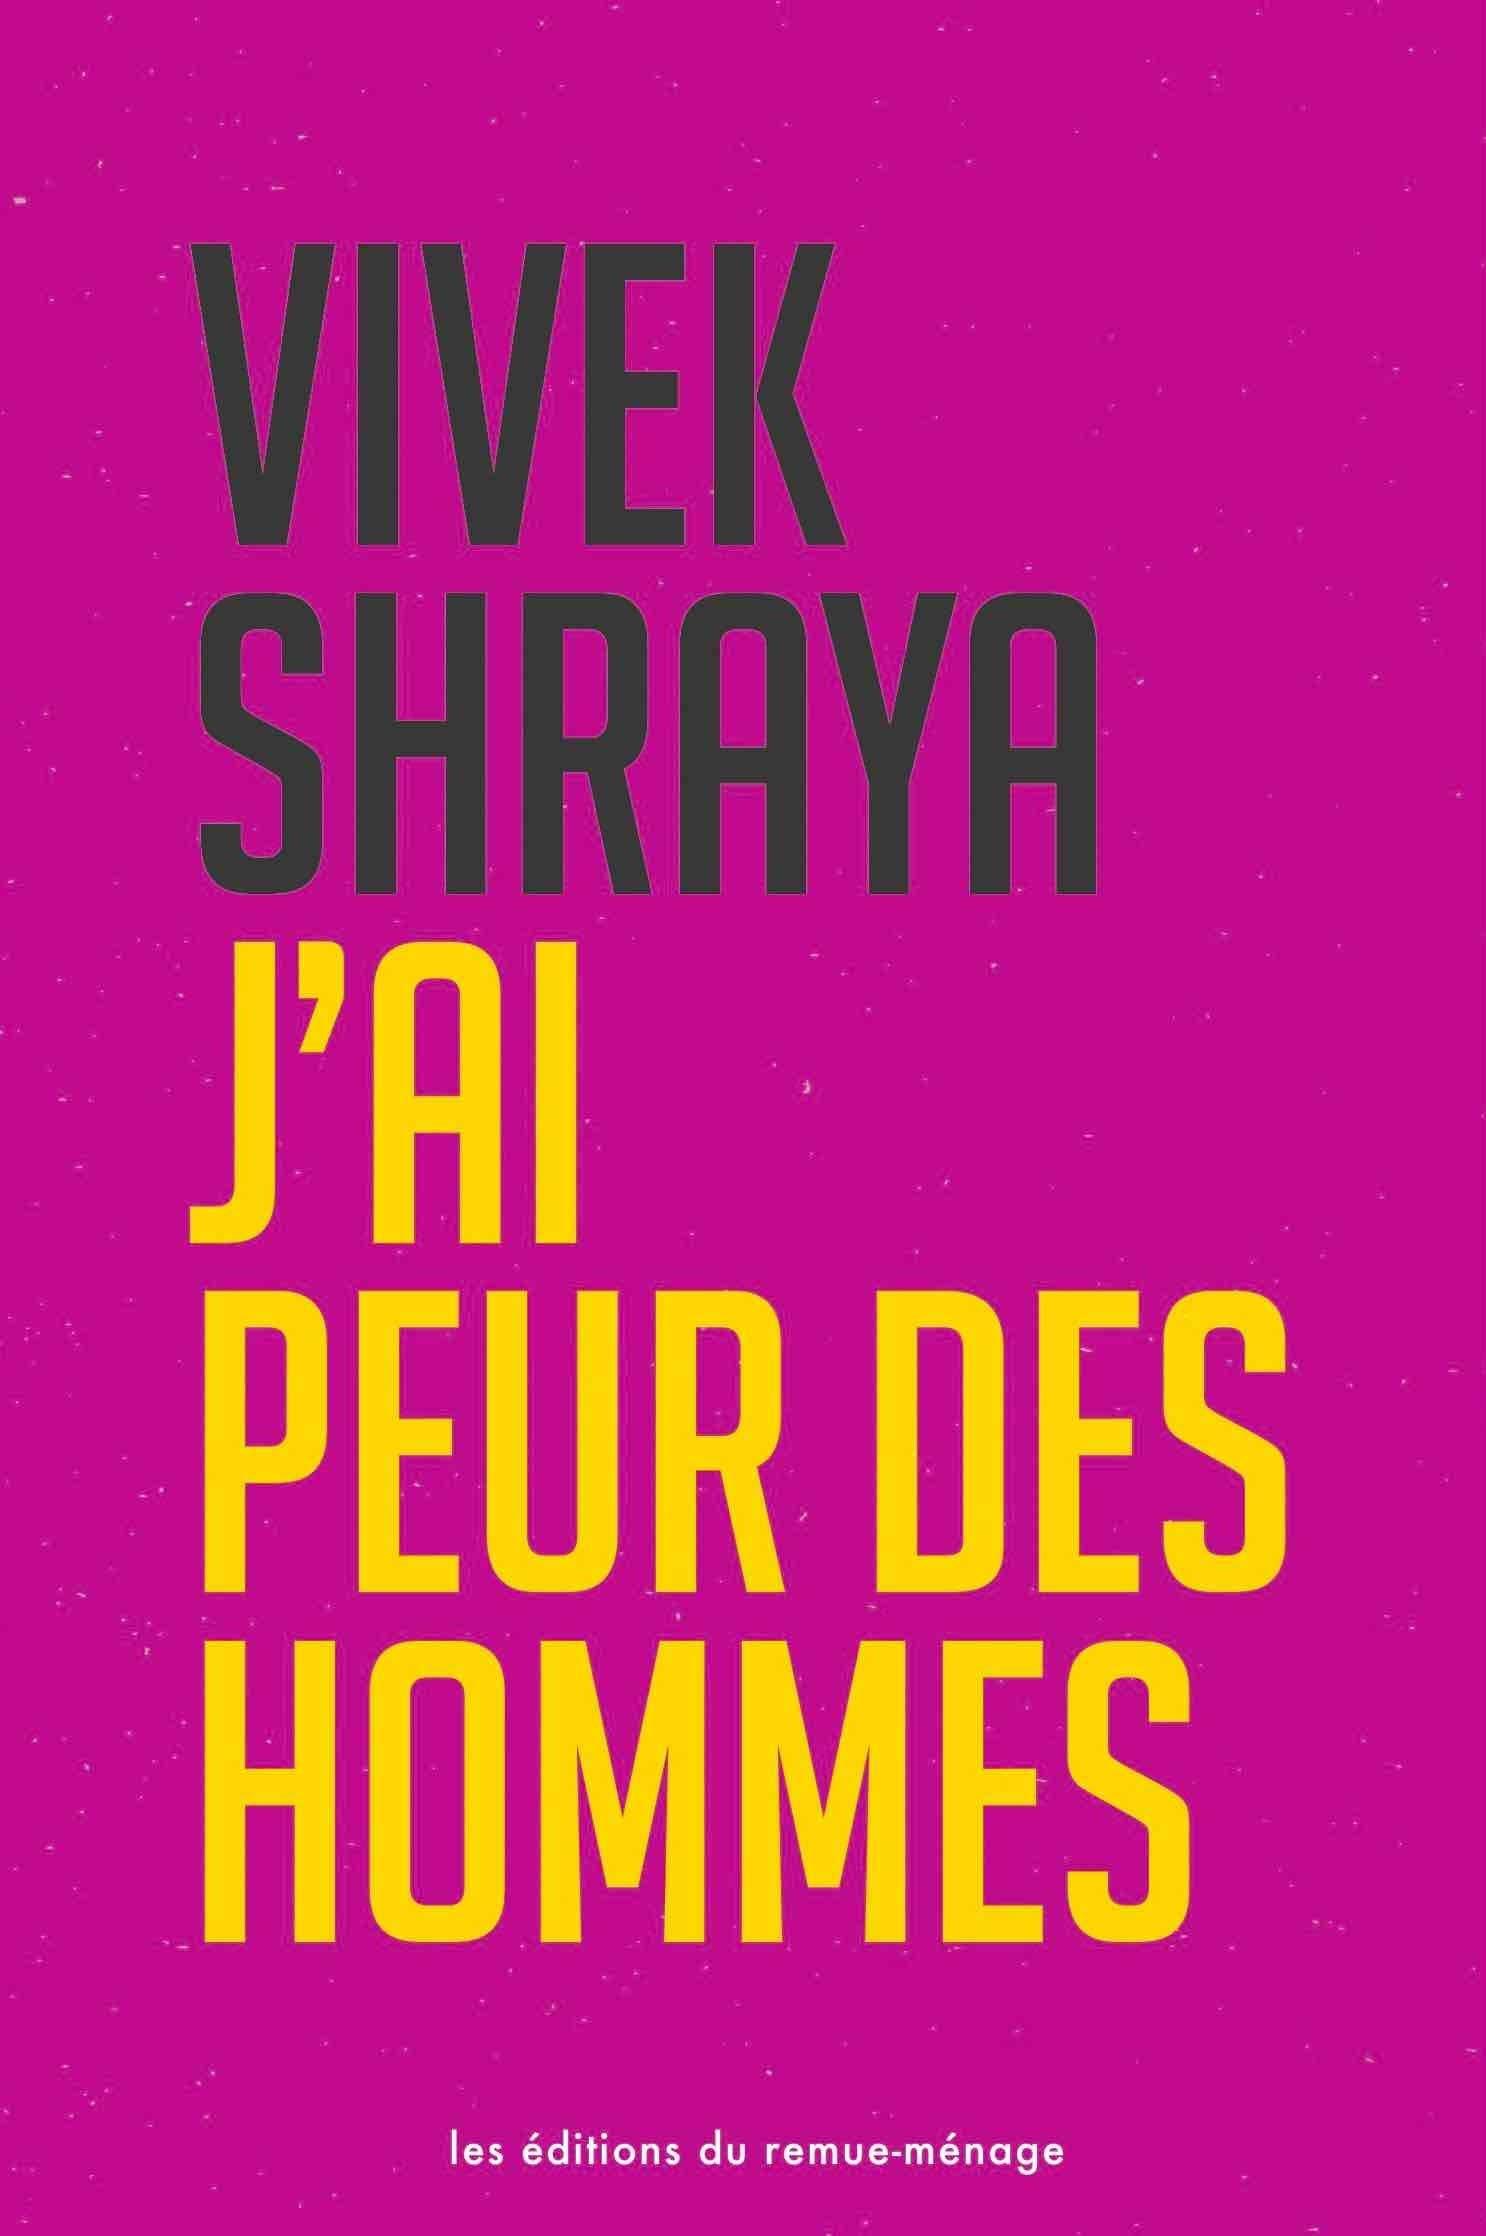 J'ai peur des hommes by Vivek Shraya